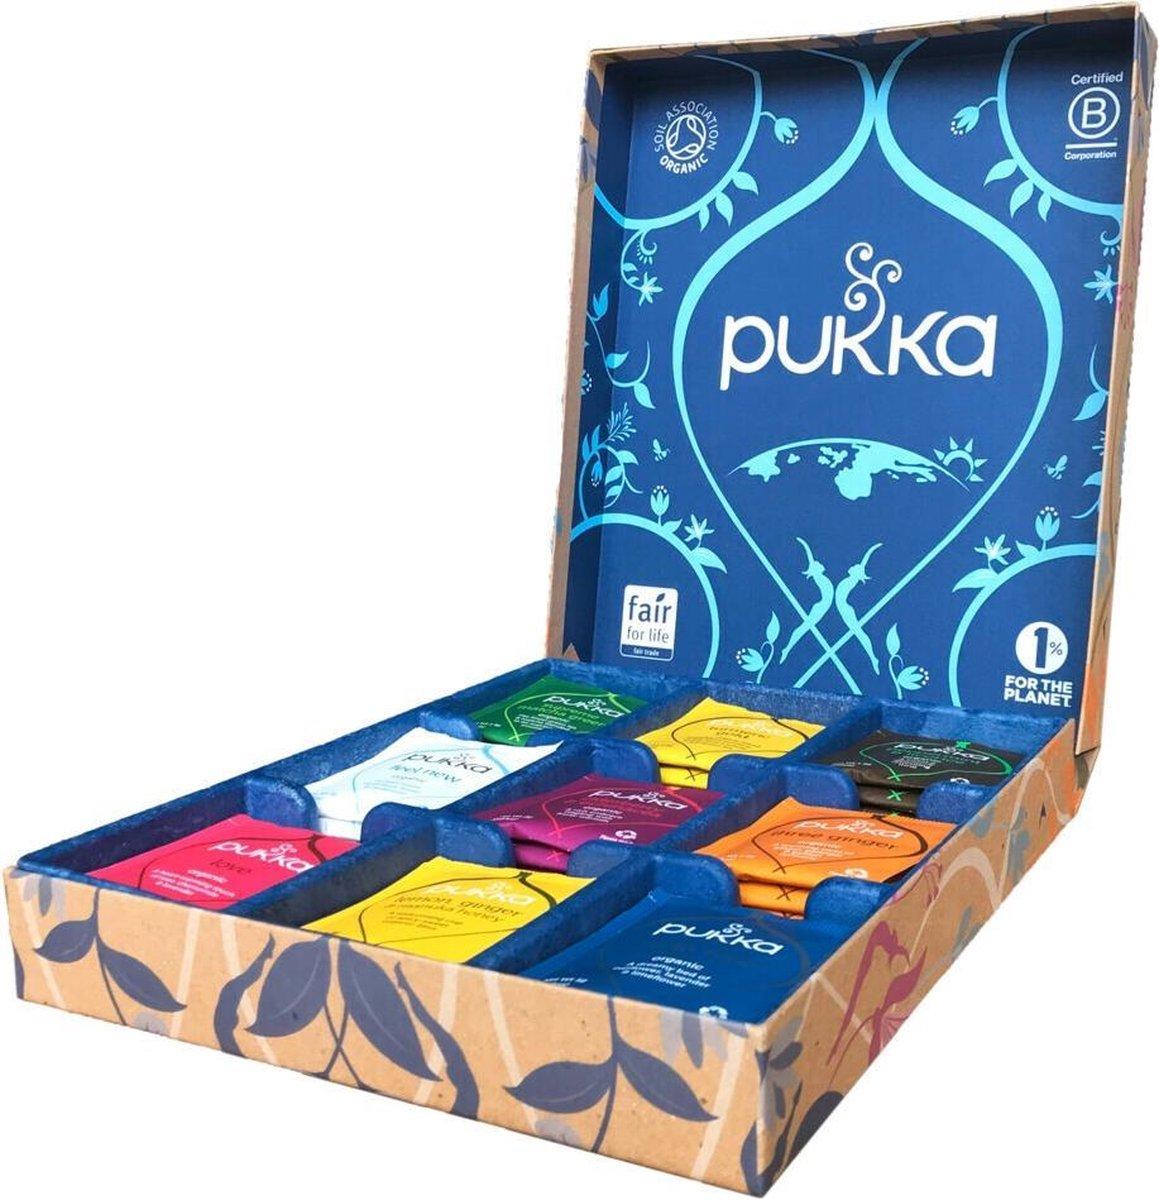 Pukka Original Theeselectie 9  Blends Biologische Kruidenthee - 45 zakjes - Geschenkdoos